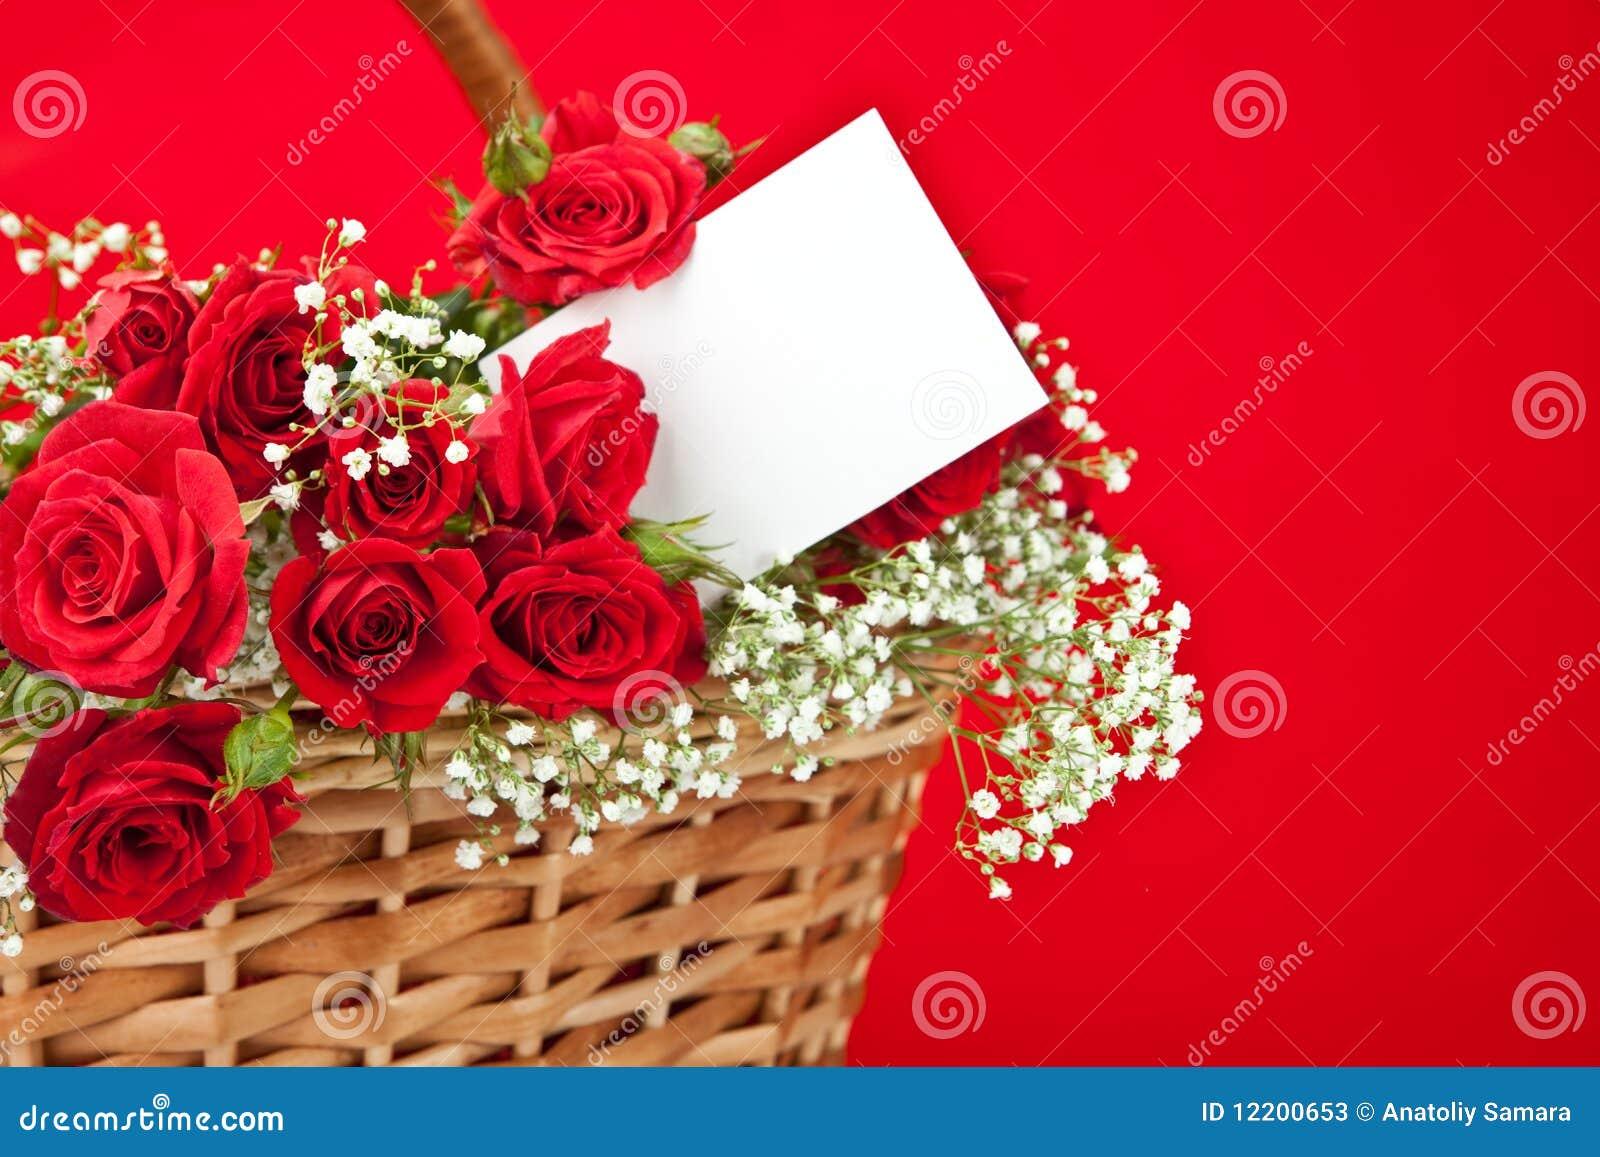 Rote Rosen und Karte im Korb